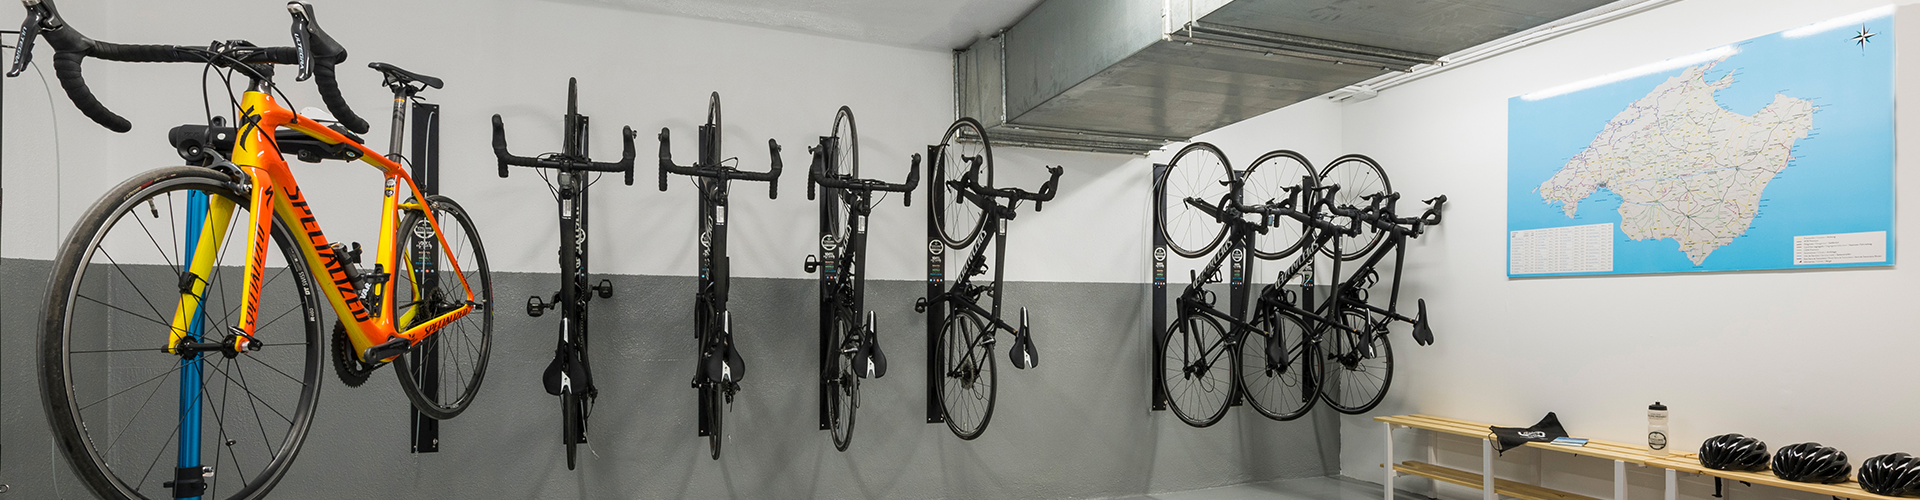 Fahrradcenter